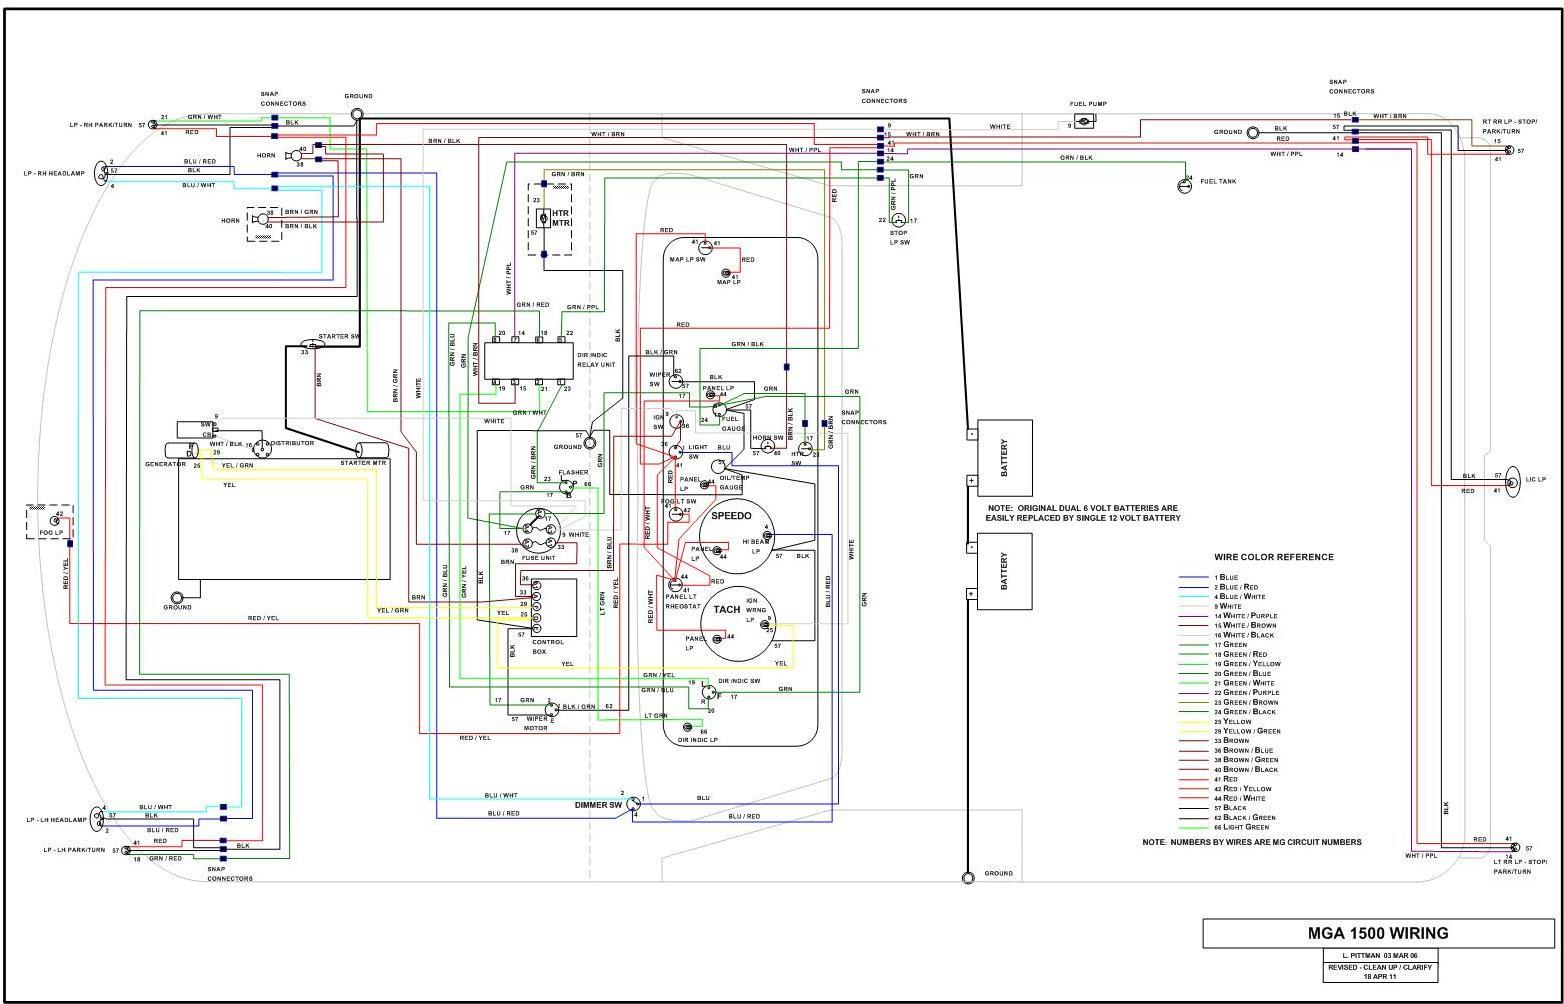 Wiring help need diagram 1960 mga 1500 : MGA Forum : MG ...